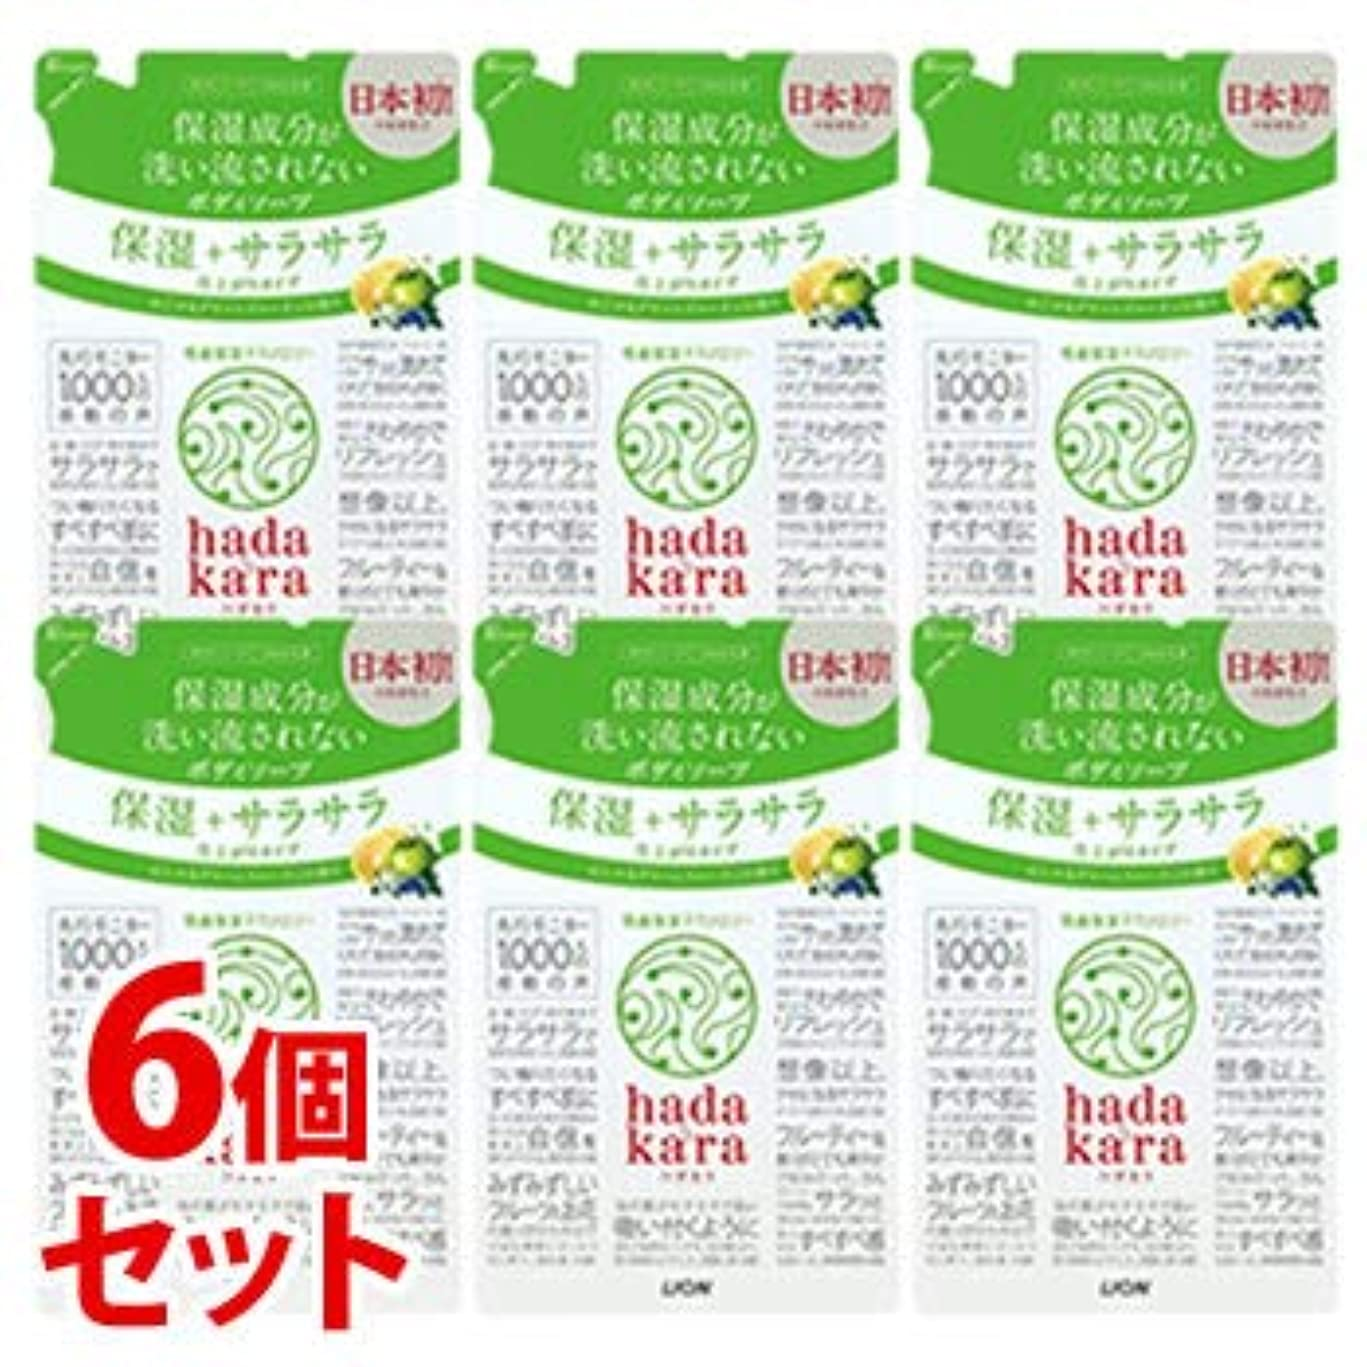 カーフ些細香水《セット販売》 ライオン ハダカラ hadakara ボディソープ 保湿+サラサラ仕上がりタイプ グリーンフルーティの香り つめかえ用 (340mL)×6個セット 詰め替え用